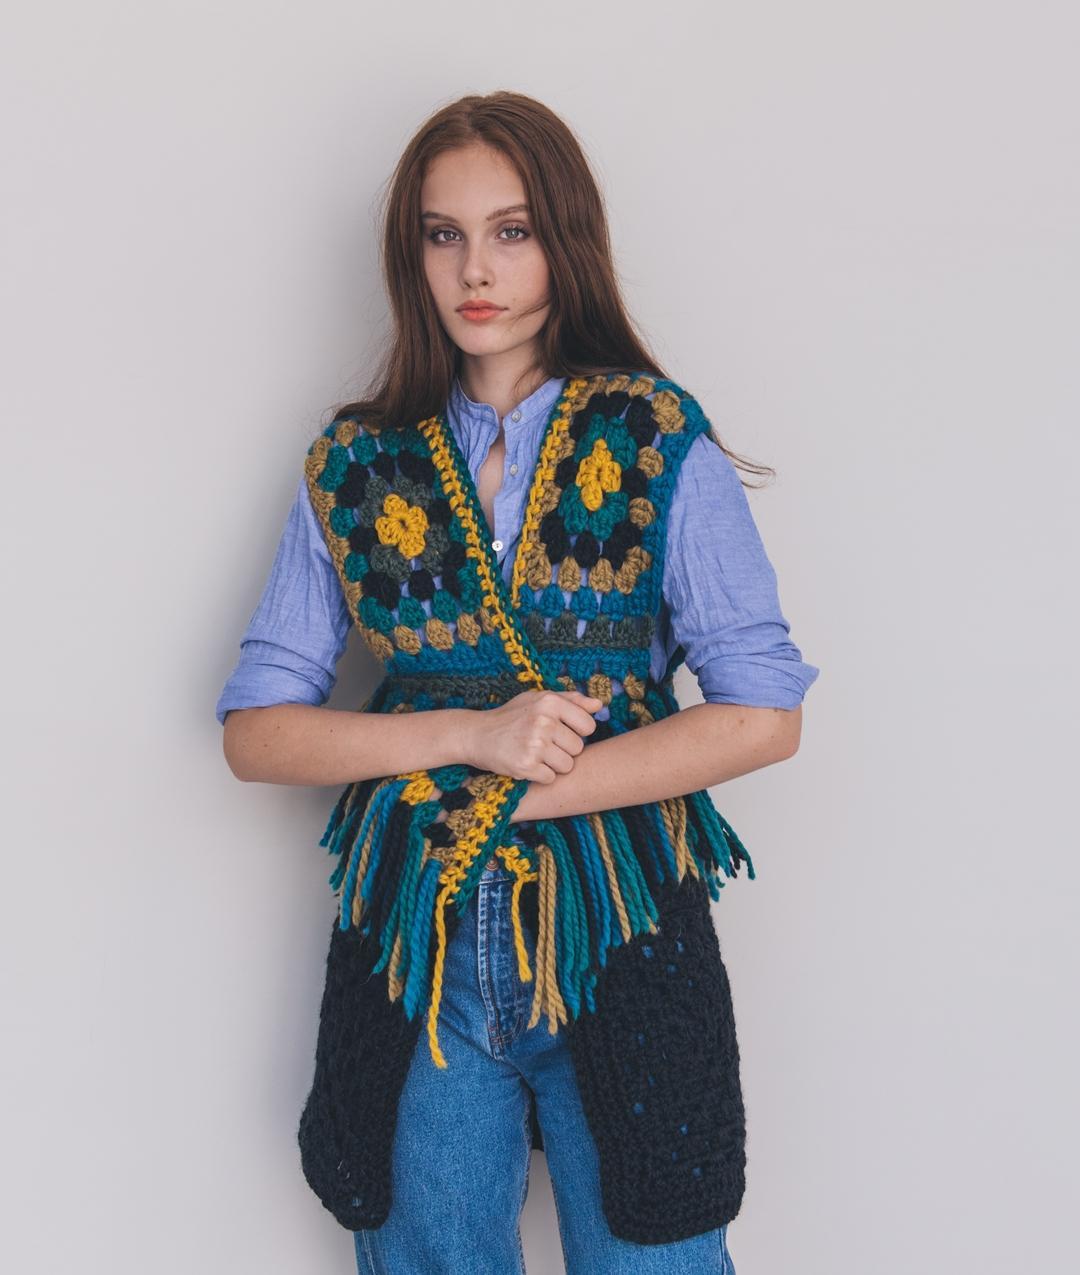 Ready Made - Granny Coachella Vest - Handmade - 1